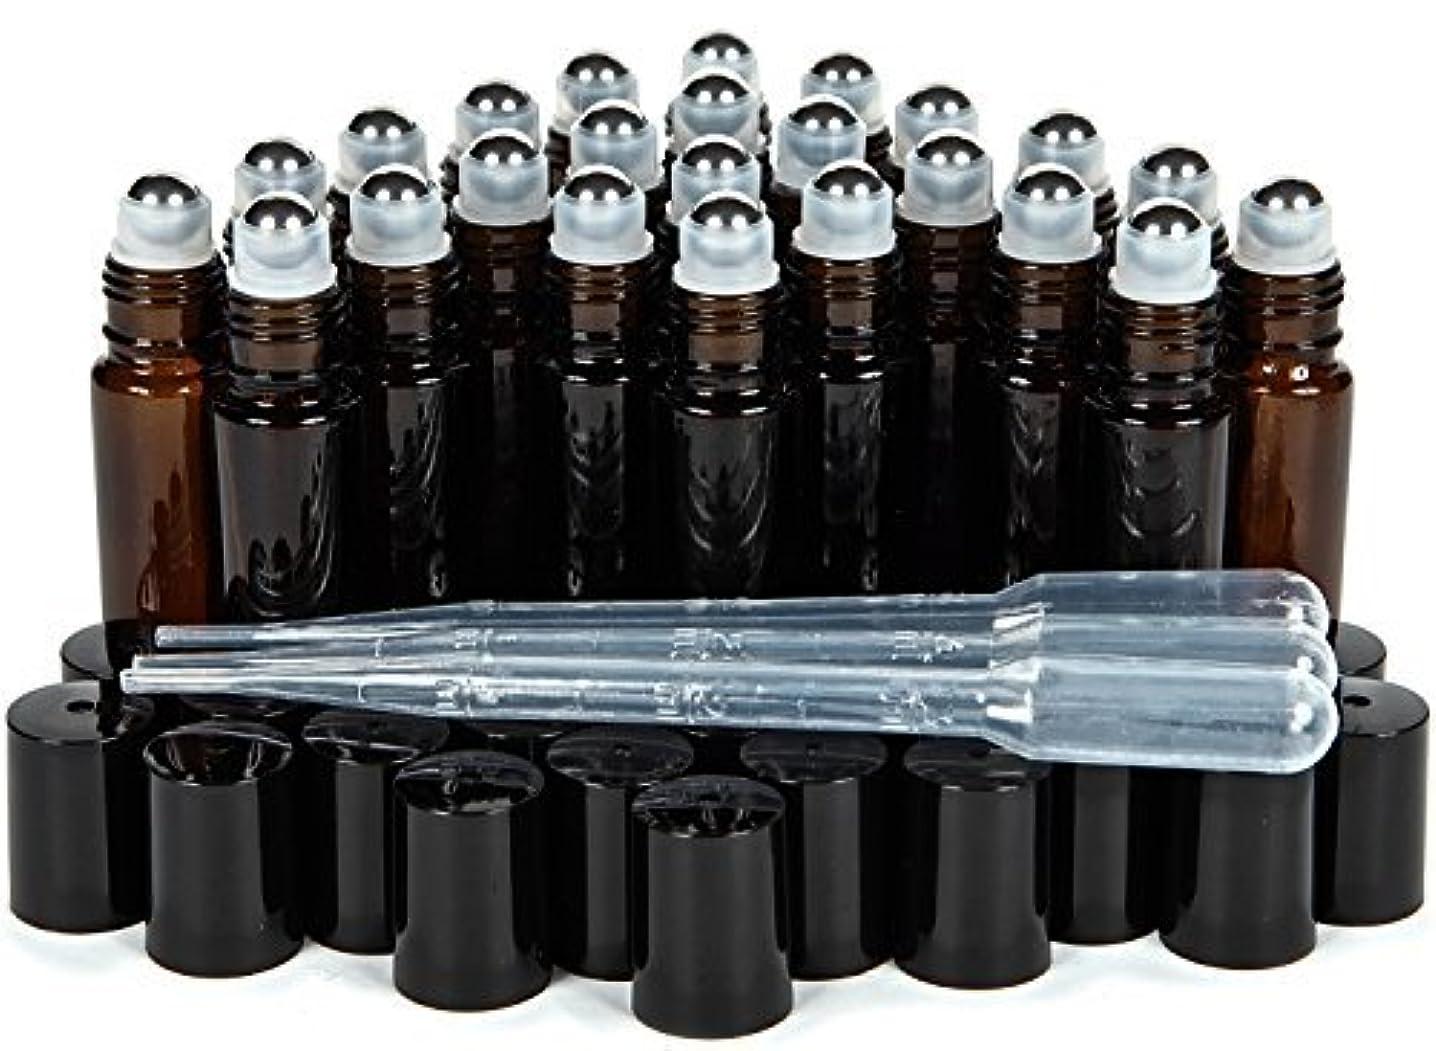 お互い仮定する別のVivaplex, 24, Amber, 10 ml Glass Roll-on Bottles with Stainless Steel Roller Balls. 3-3 ml Droppers included [...